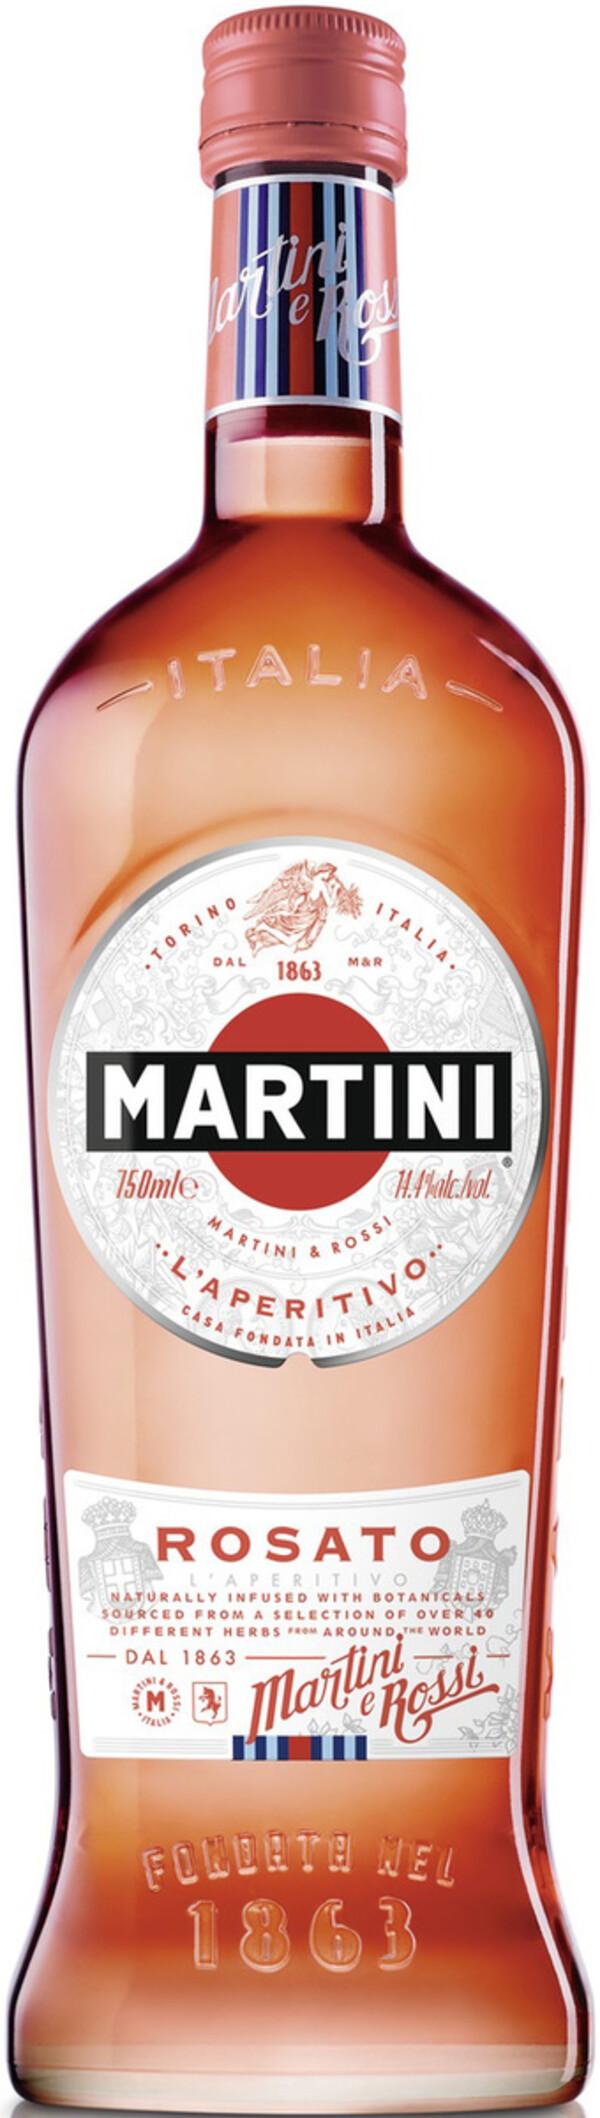 Martini Rosato 0,75 ltr